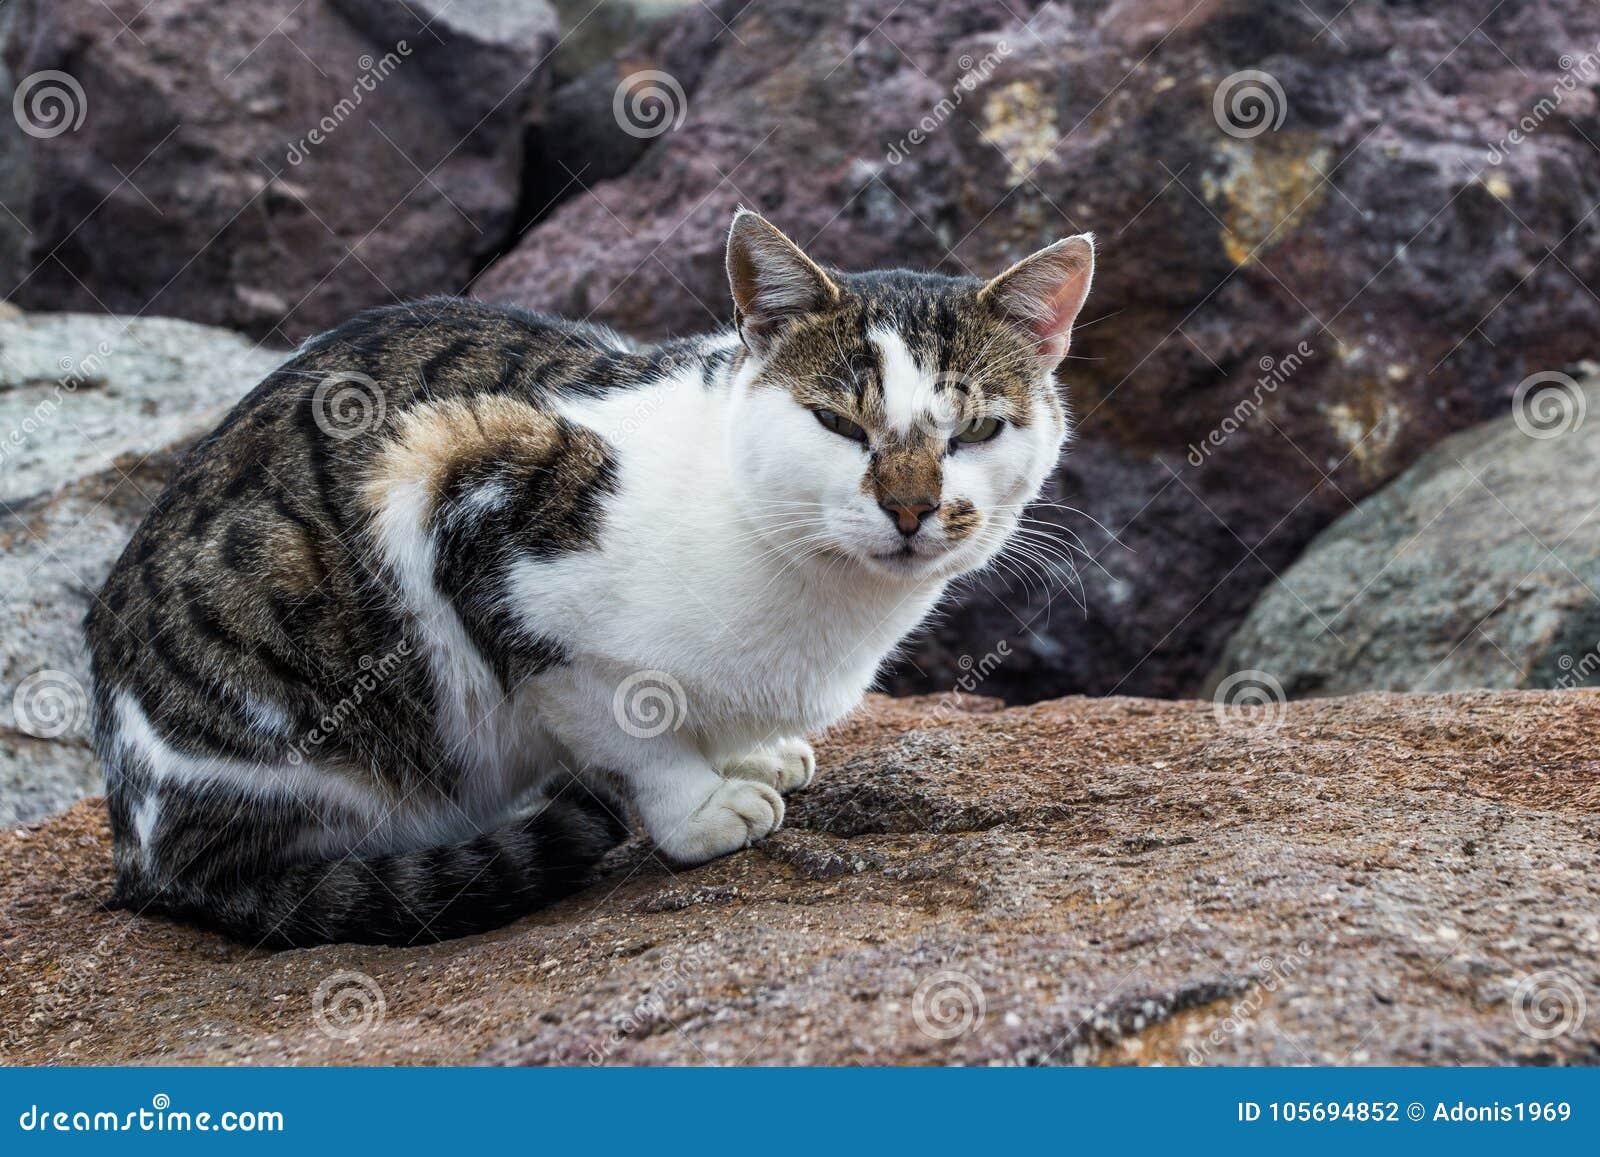 Gato de gato malhado na rocha